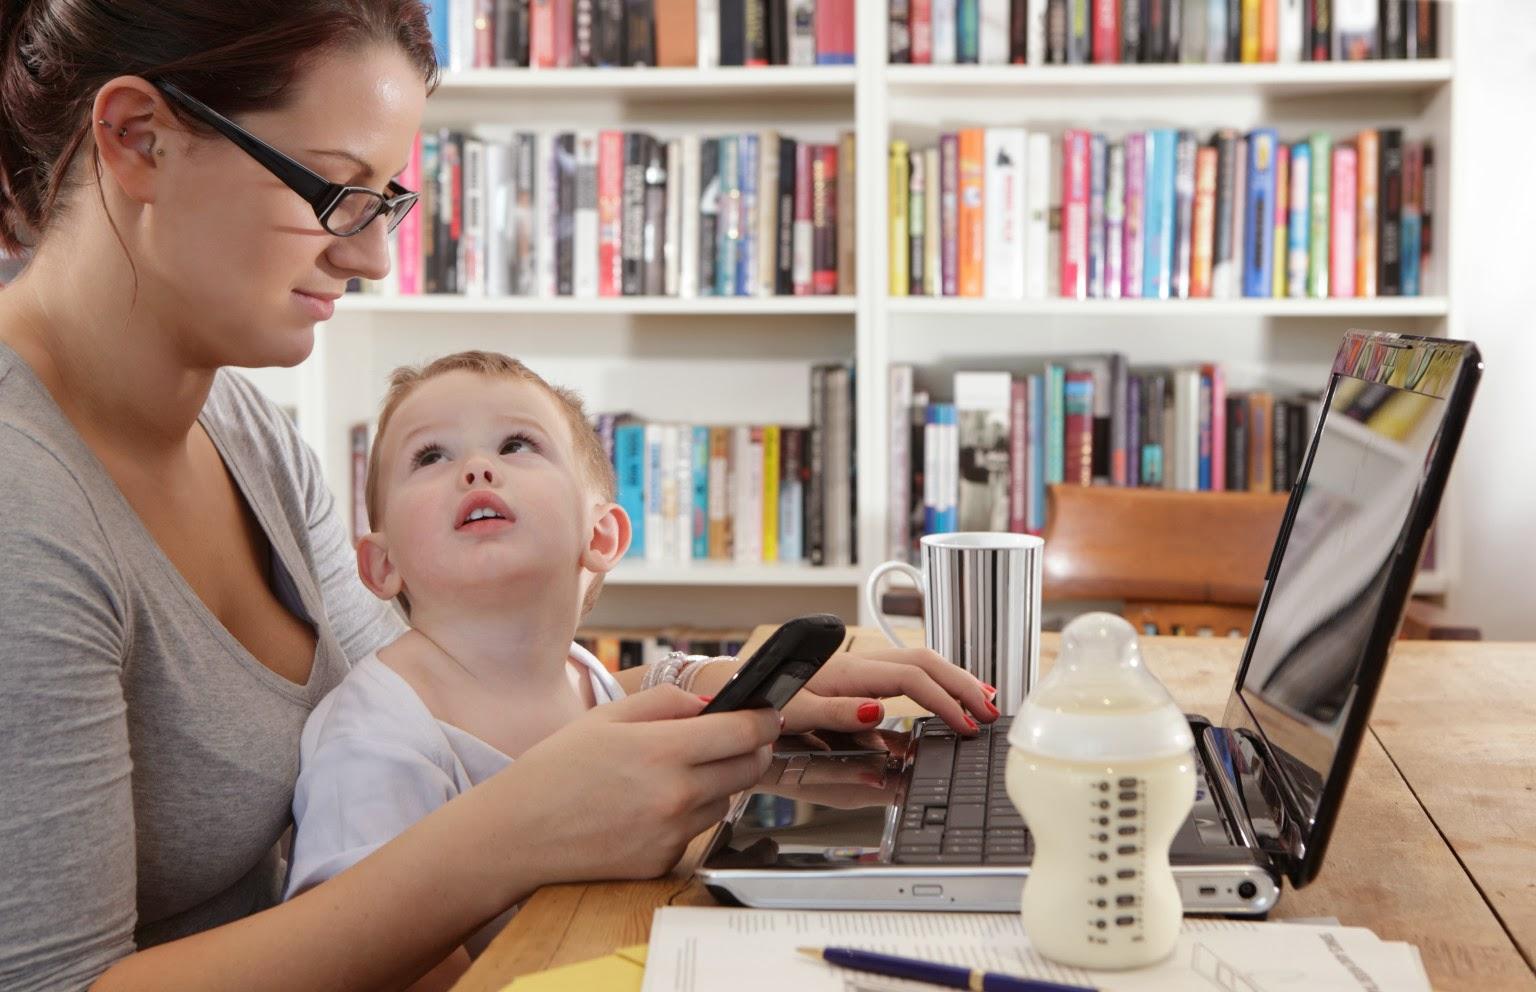 İşçi annelere otomatik kısmi çalışma geldi